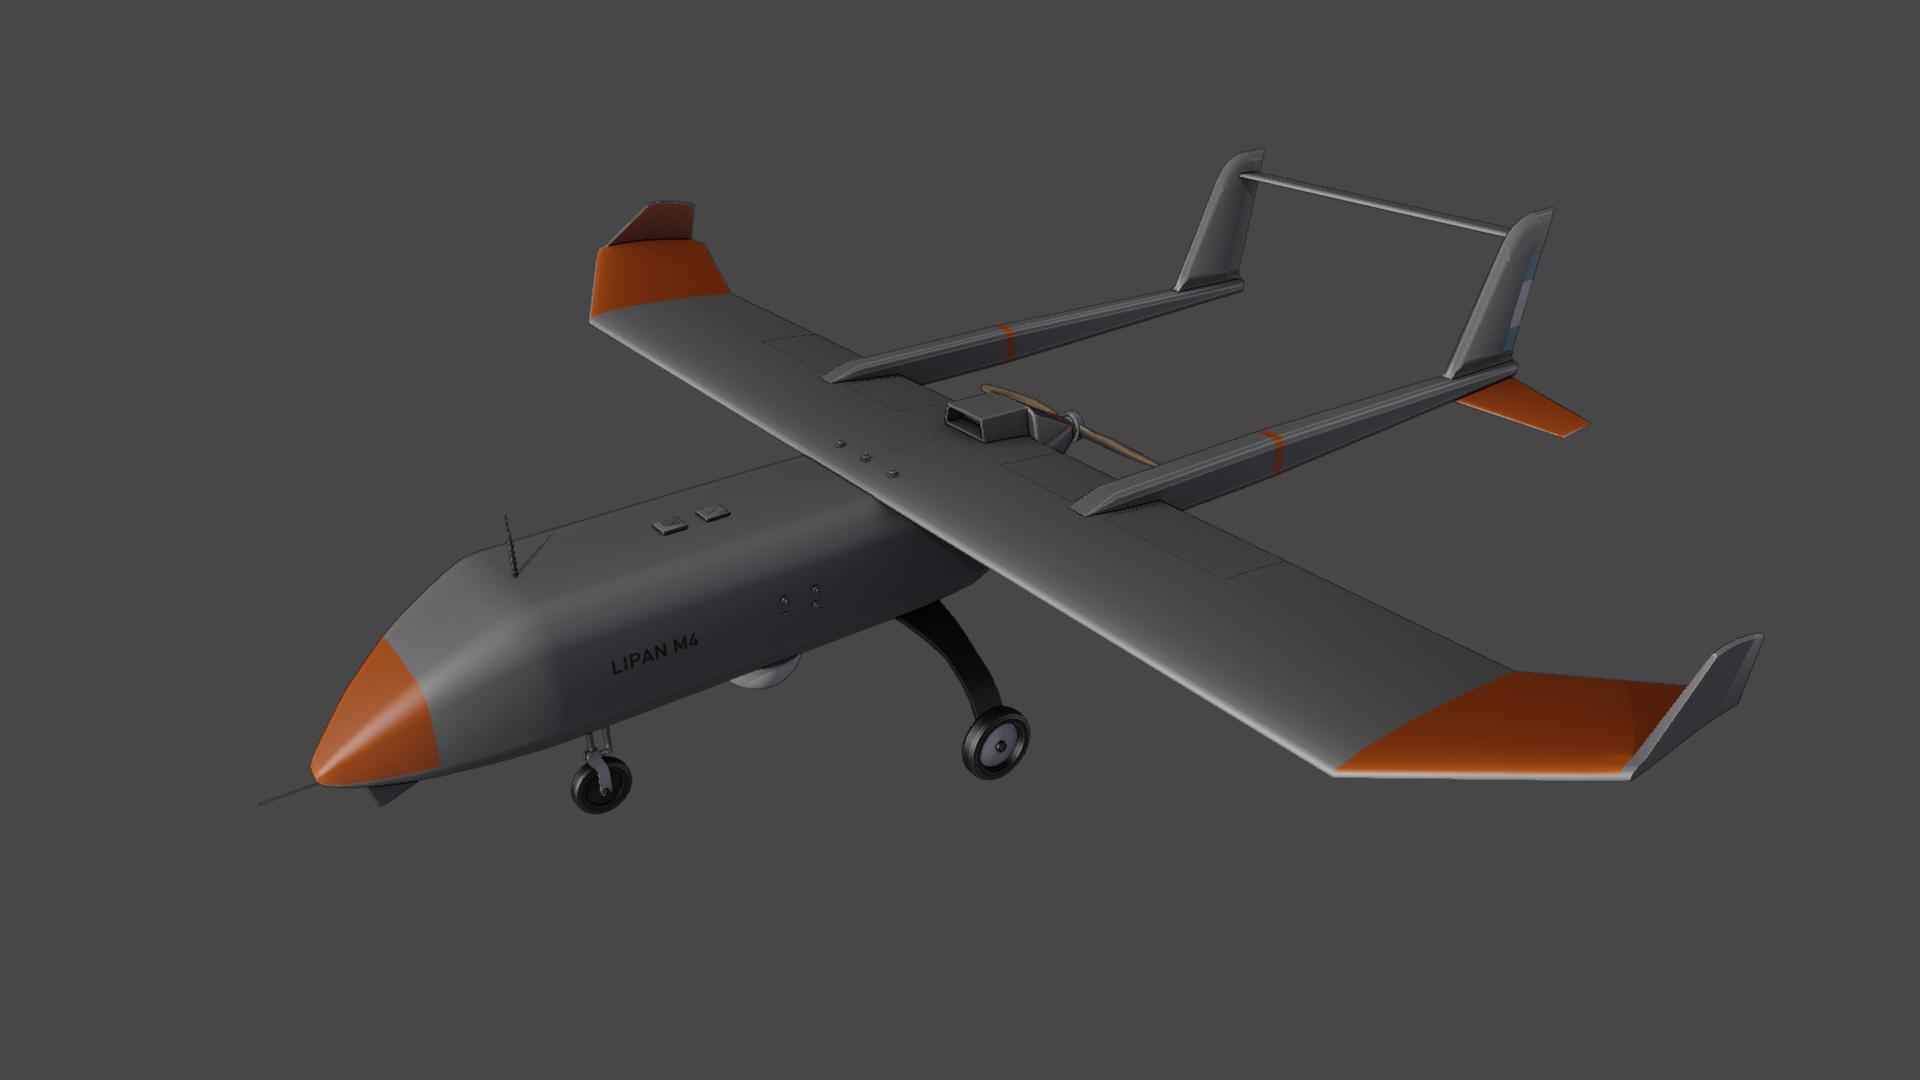 lipan-M4-angletop.png